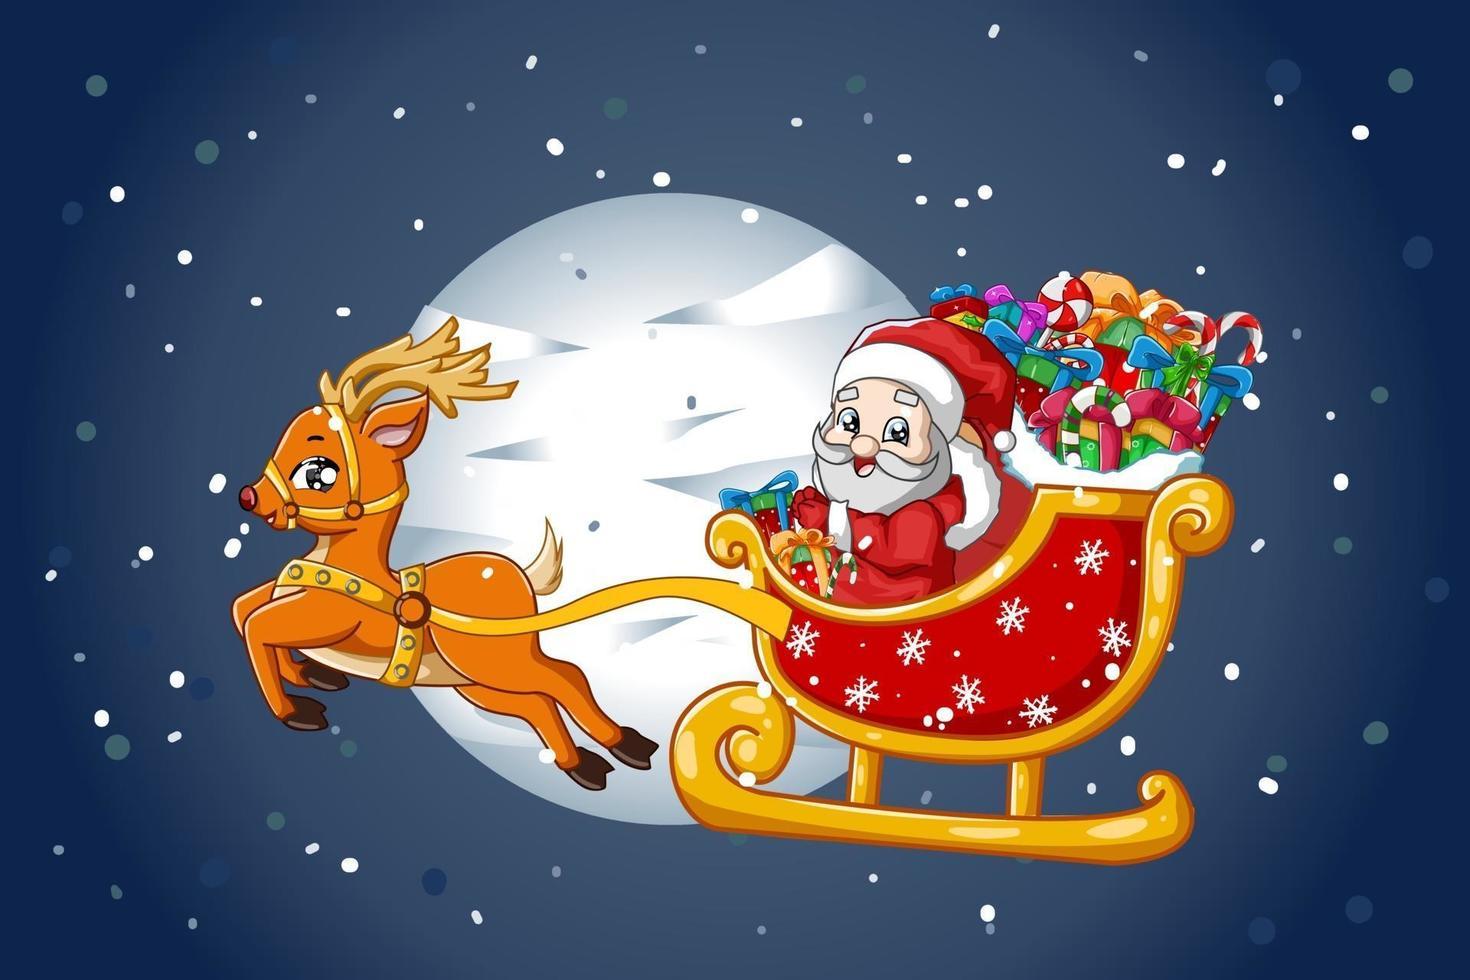 Papai Noel em um trenó de renas carregando presentes na noite de natal vetor